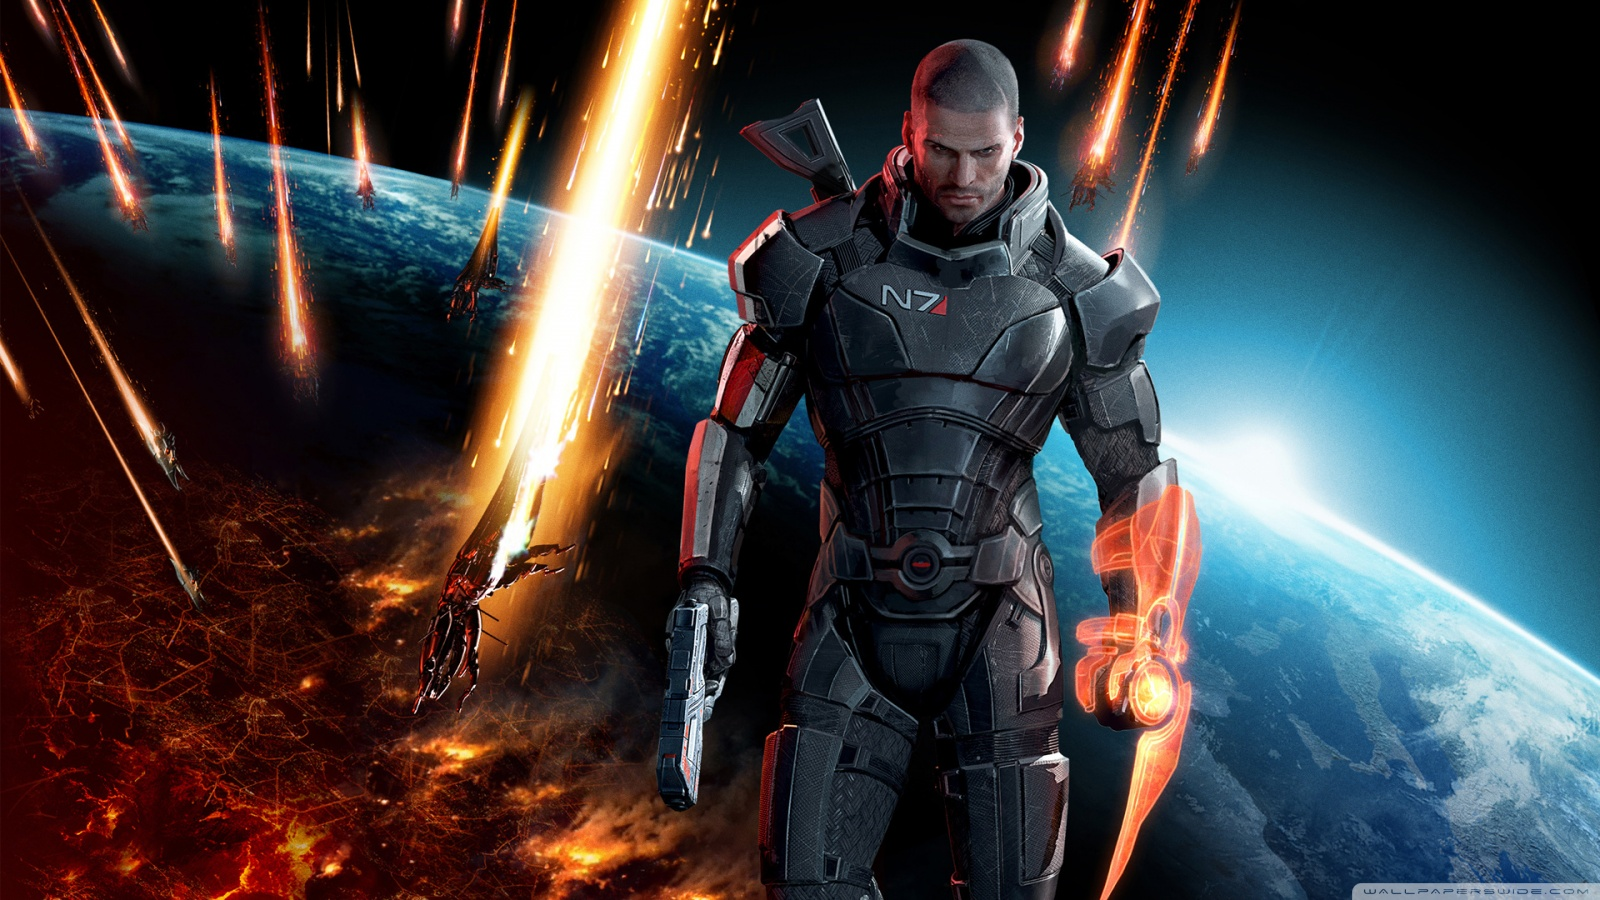 Mass Effect HD desktop wallpaper : Widescreen : High Definition